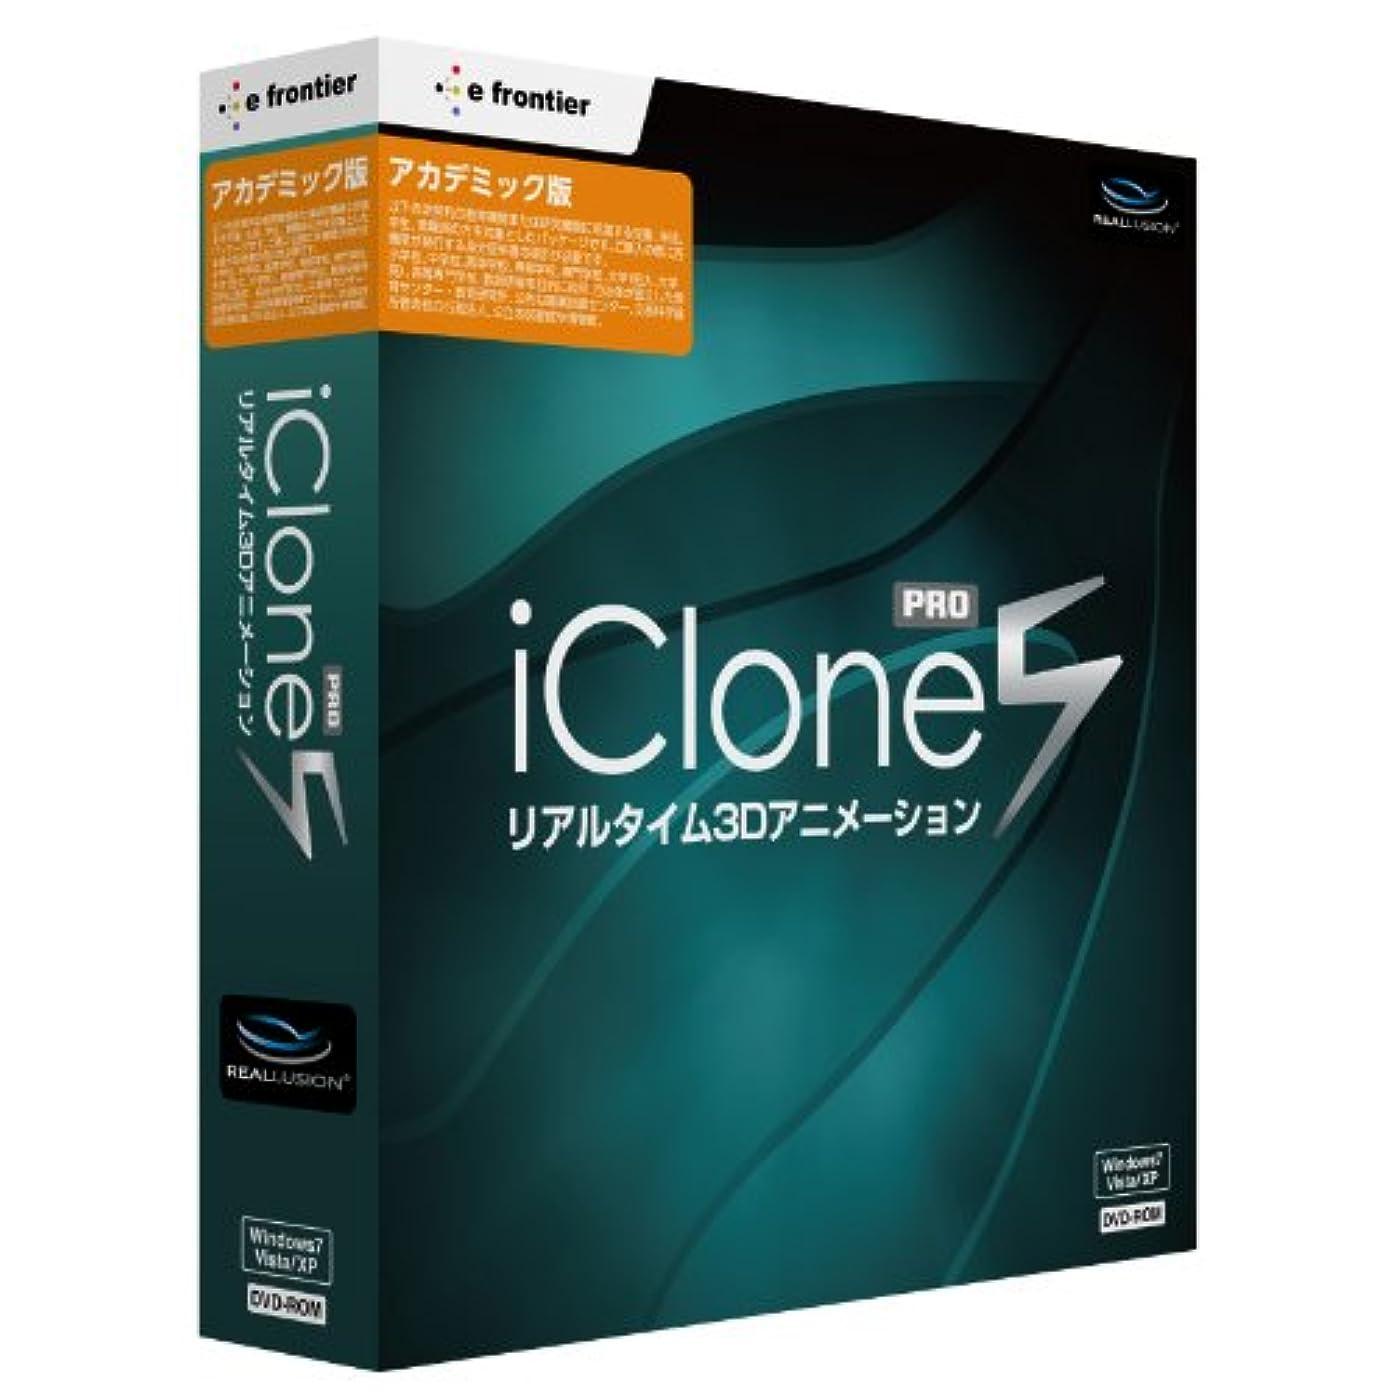 先入観マニアック宇宙のiClone 5 PRO アカデミック版